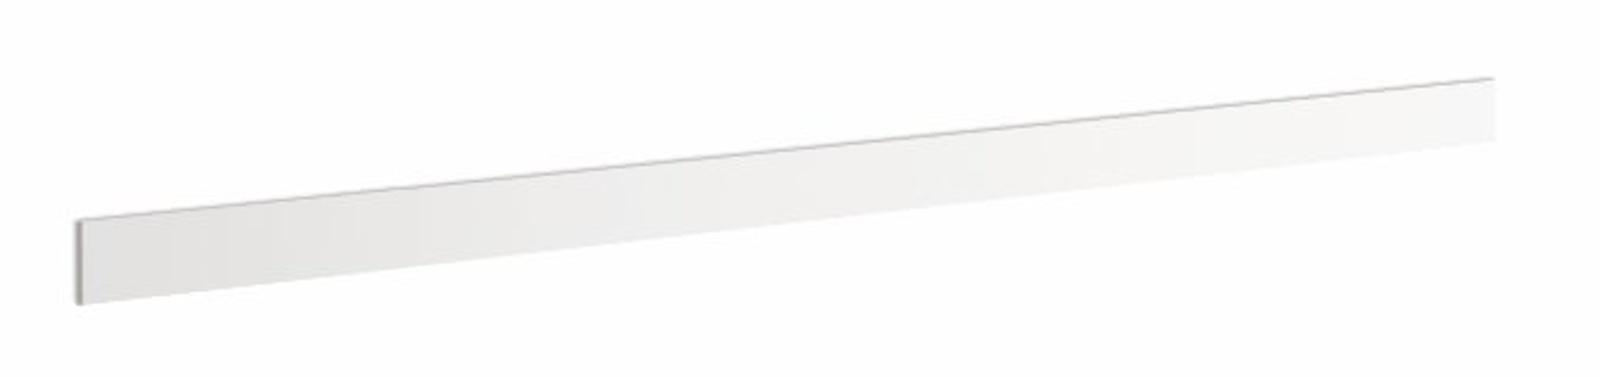 Sokl VENTO COK-200/10, bílý